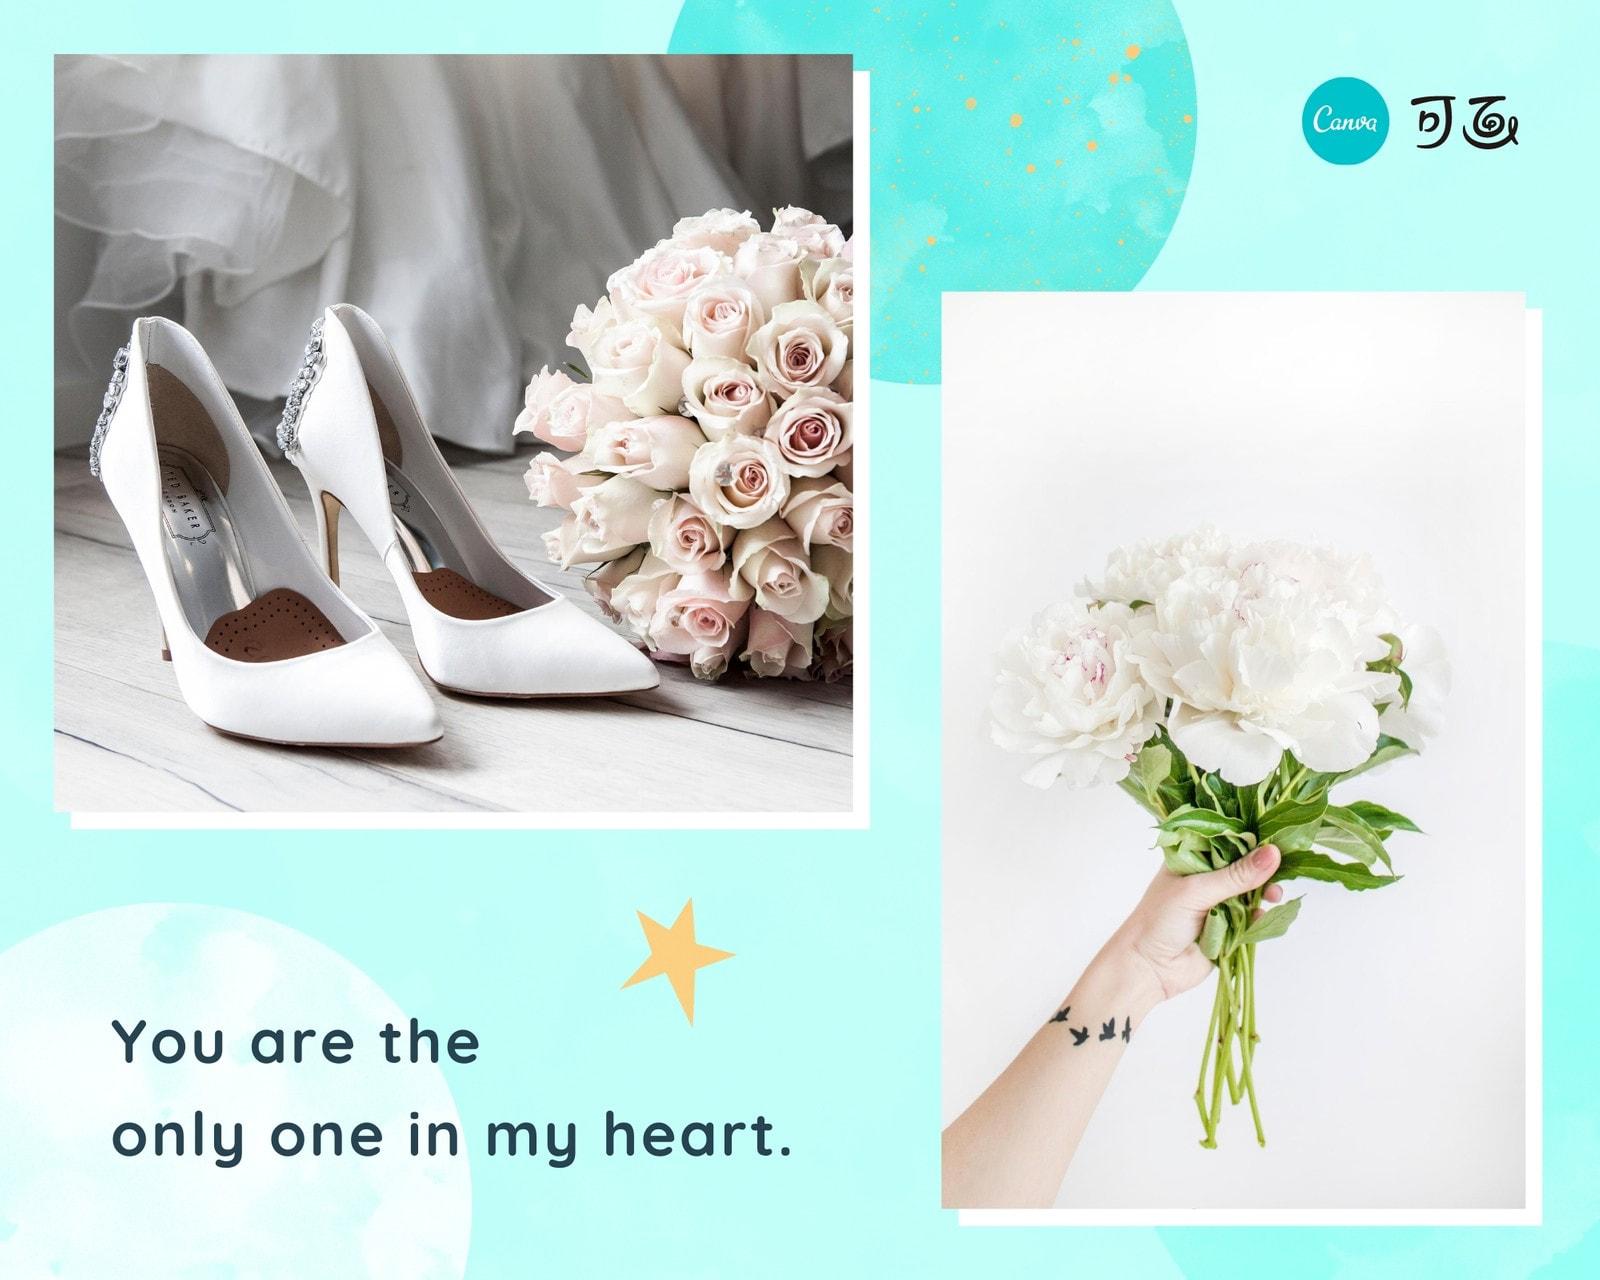 蓝白色文艺浪漫ins风婚礼清新婚礼分享英文拼图